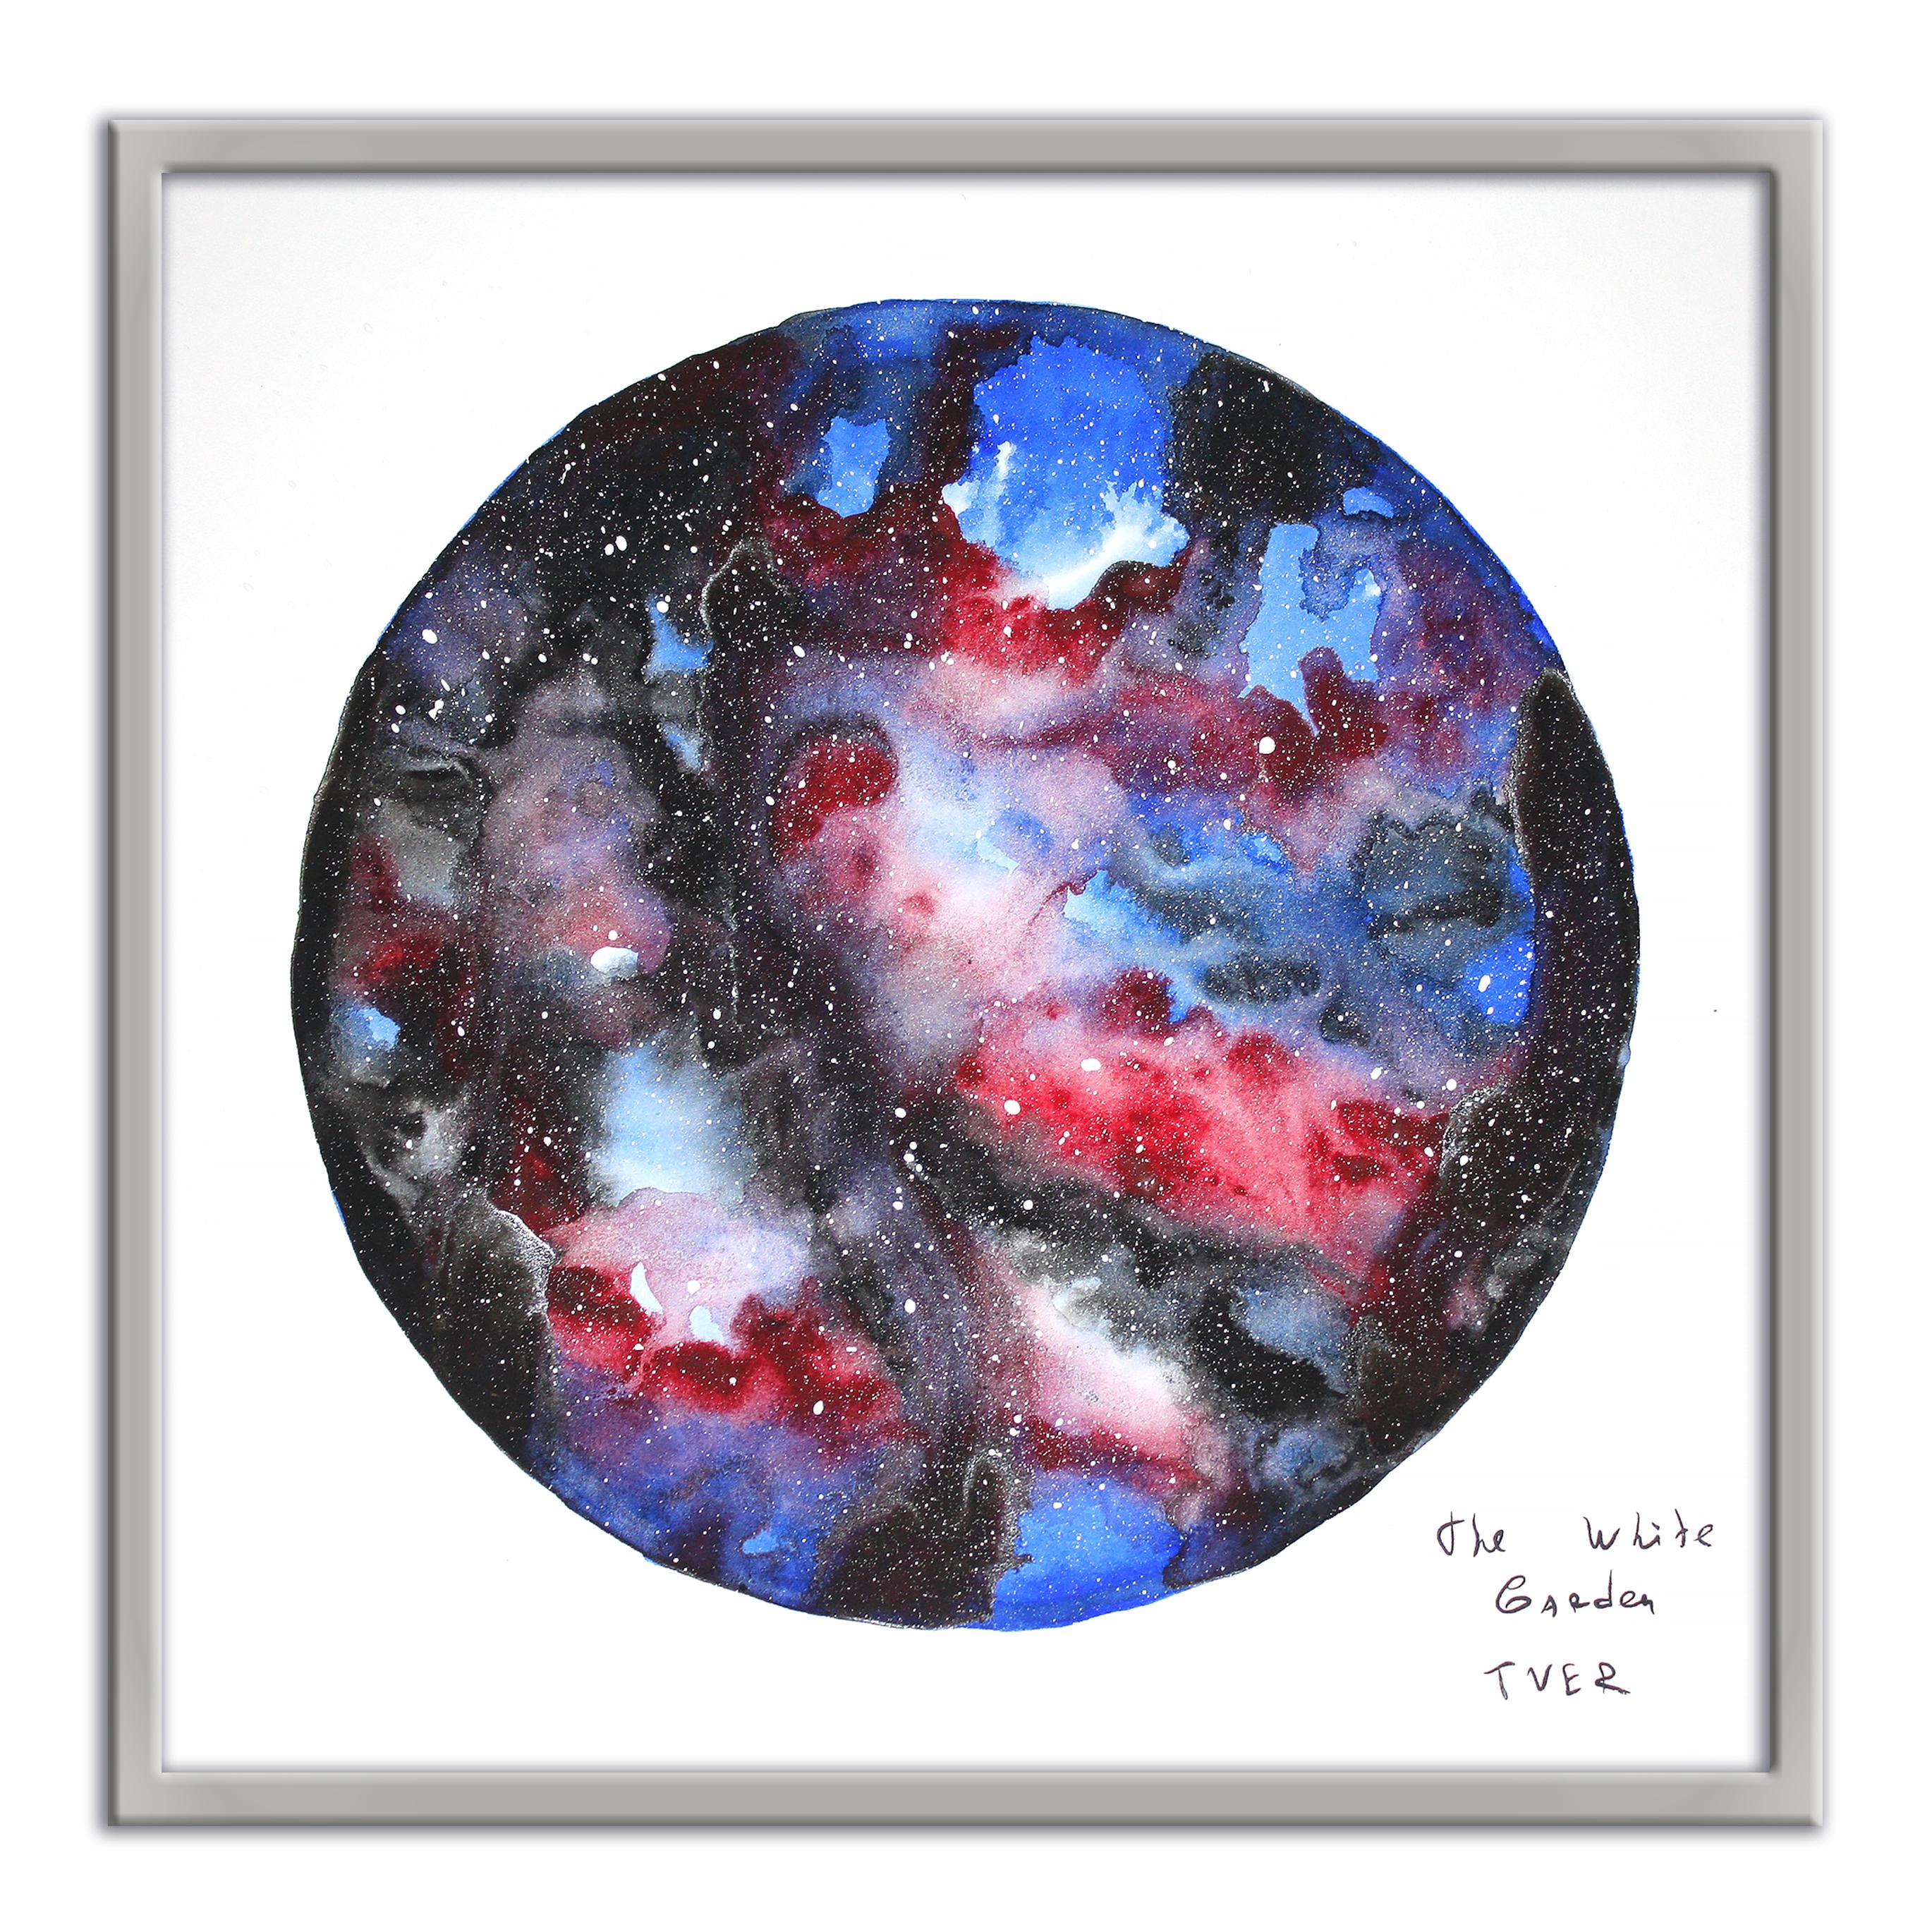 Картина The White Garden TVER вселенная, красный, синий картина фото